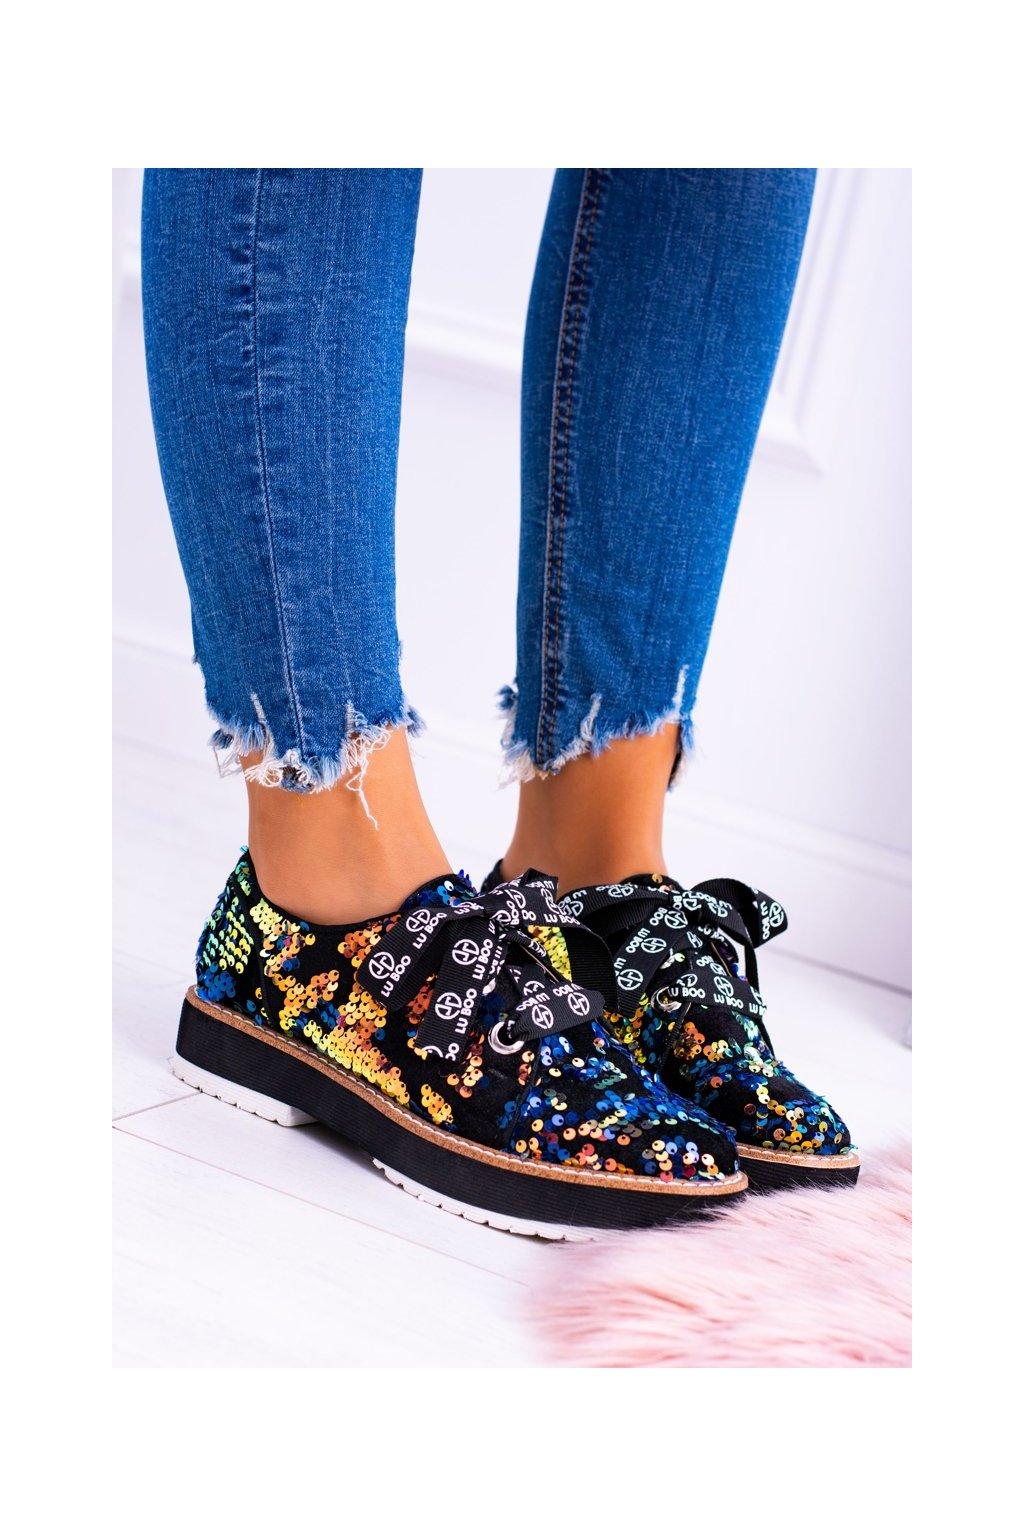 Lu Boo vícebarevný semišove Dámske topánky Moonlight